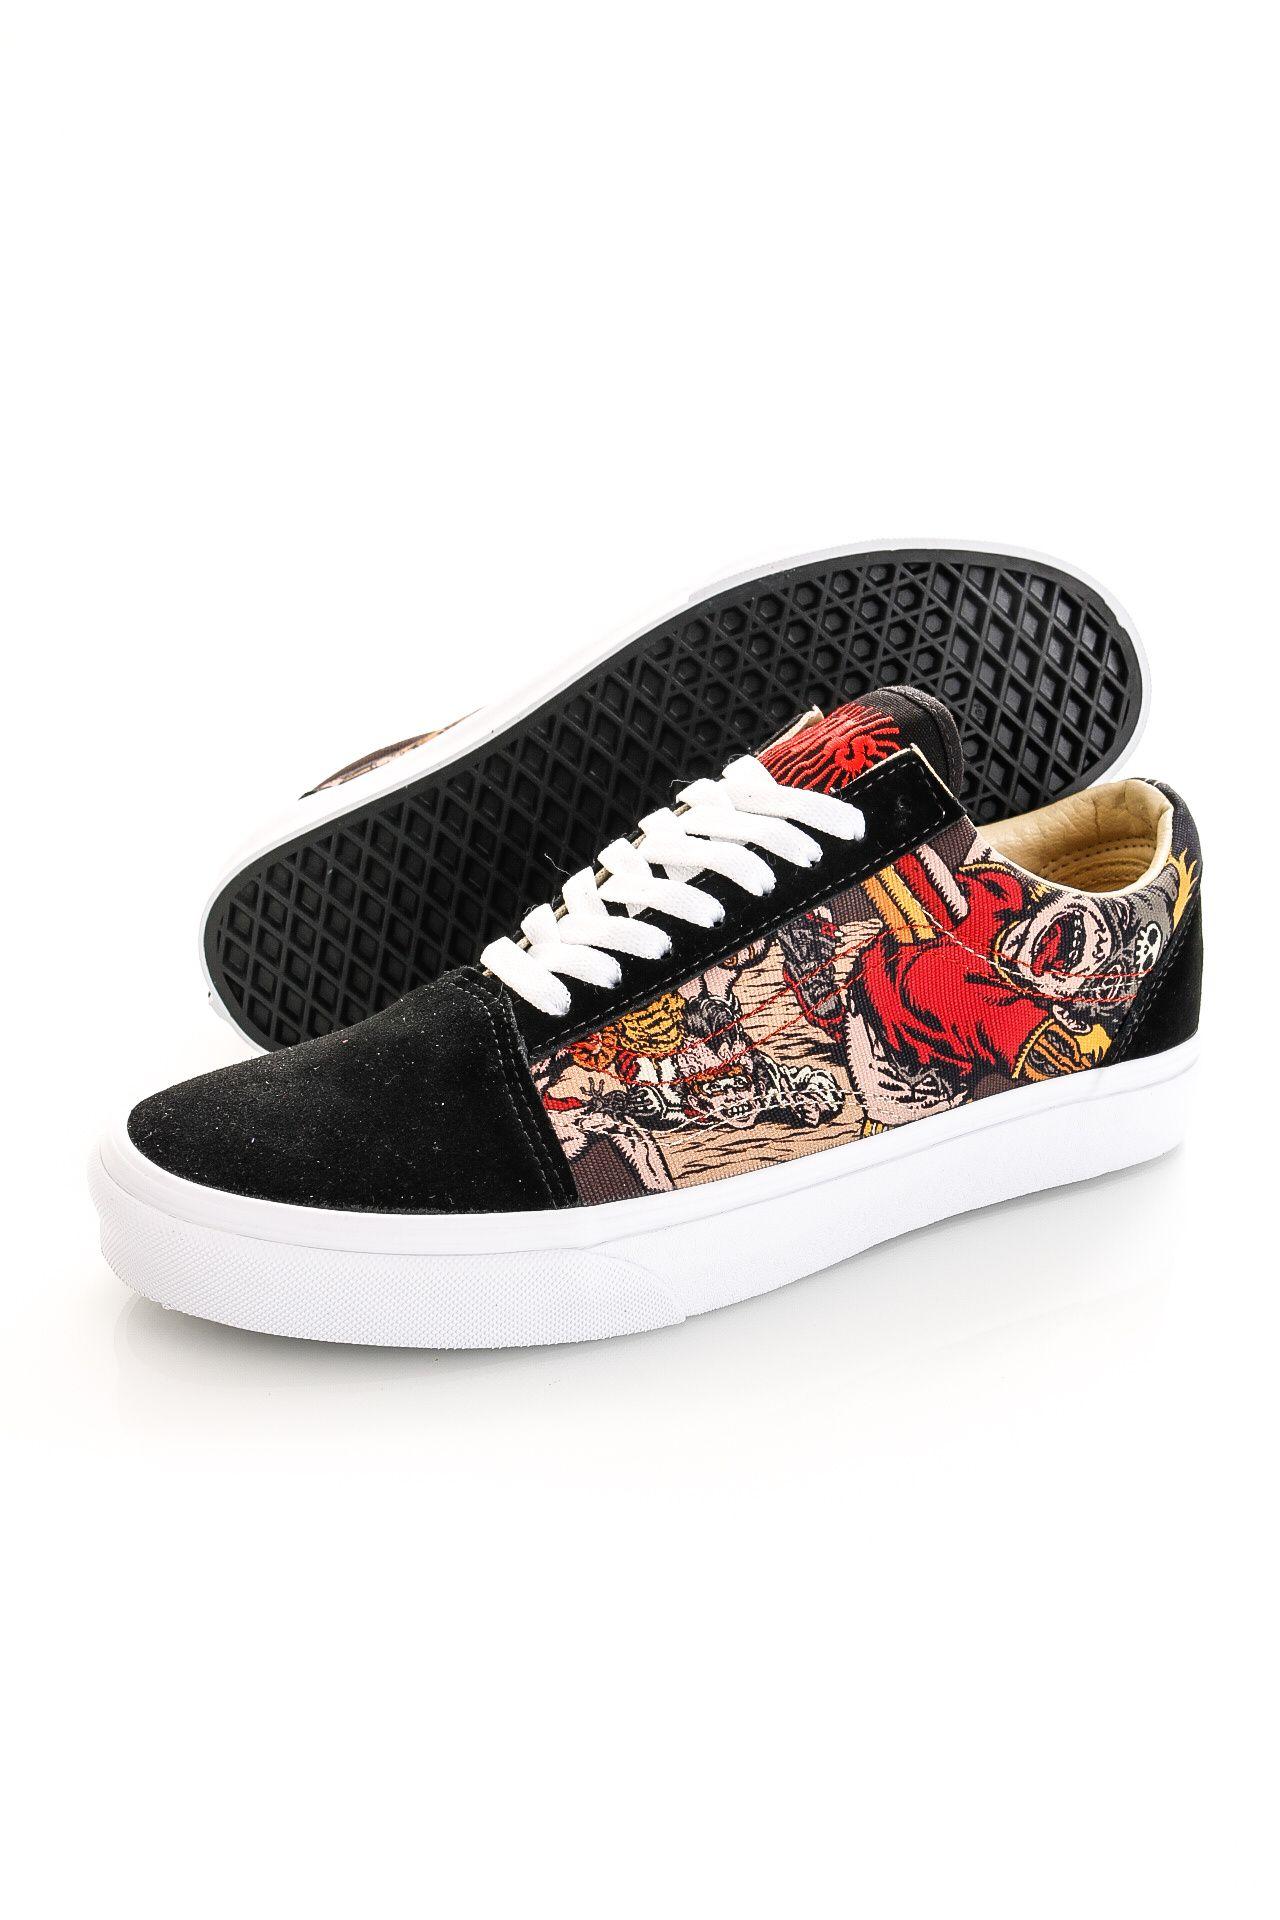 Afbeelding van Vans Sneakers UA Old Skool (Otw Gallery) Dwiky Ka VN0A38G140A1